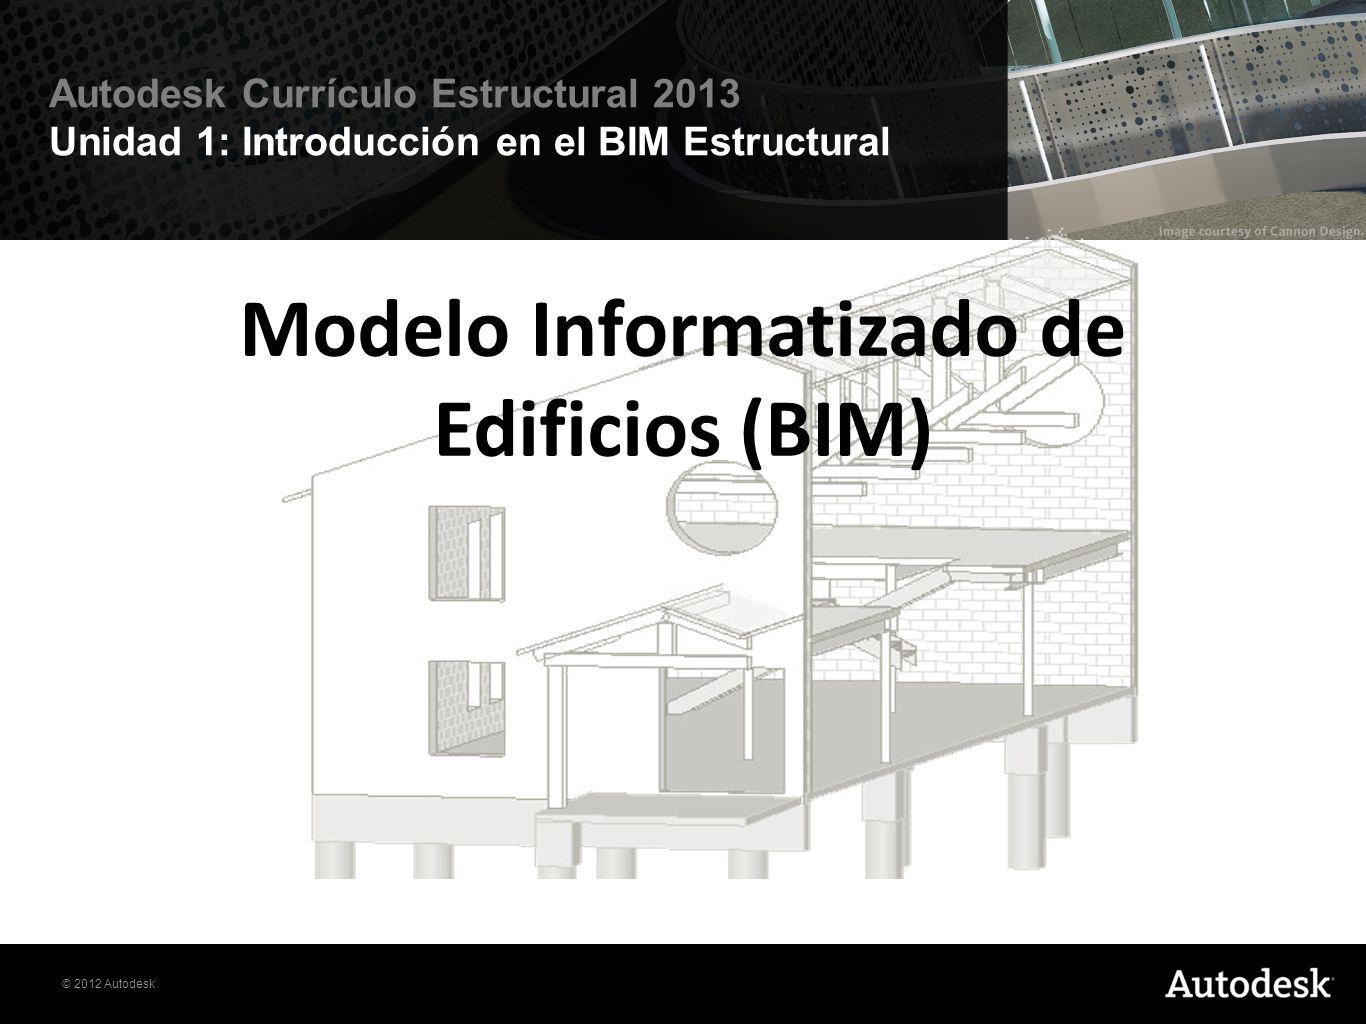 © 2012 Autodesk Autodesk Currículo Estructural 2013 Unidad 1: Introducción en el BIM Estructural Modelo Informatizado de Edificios (BIM)